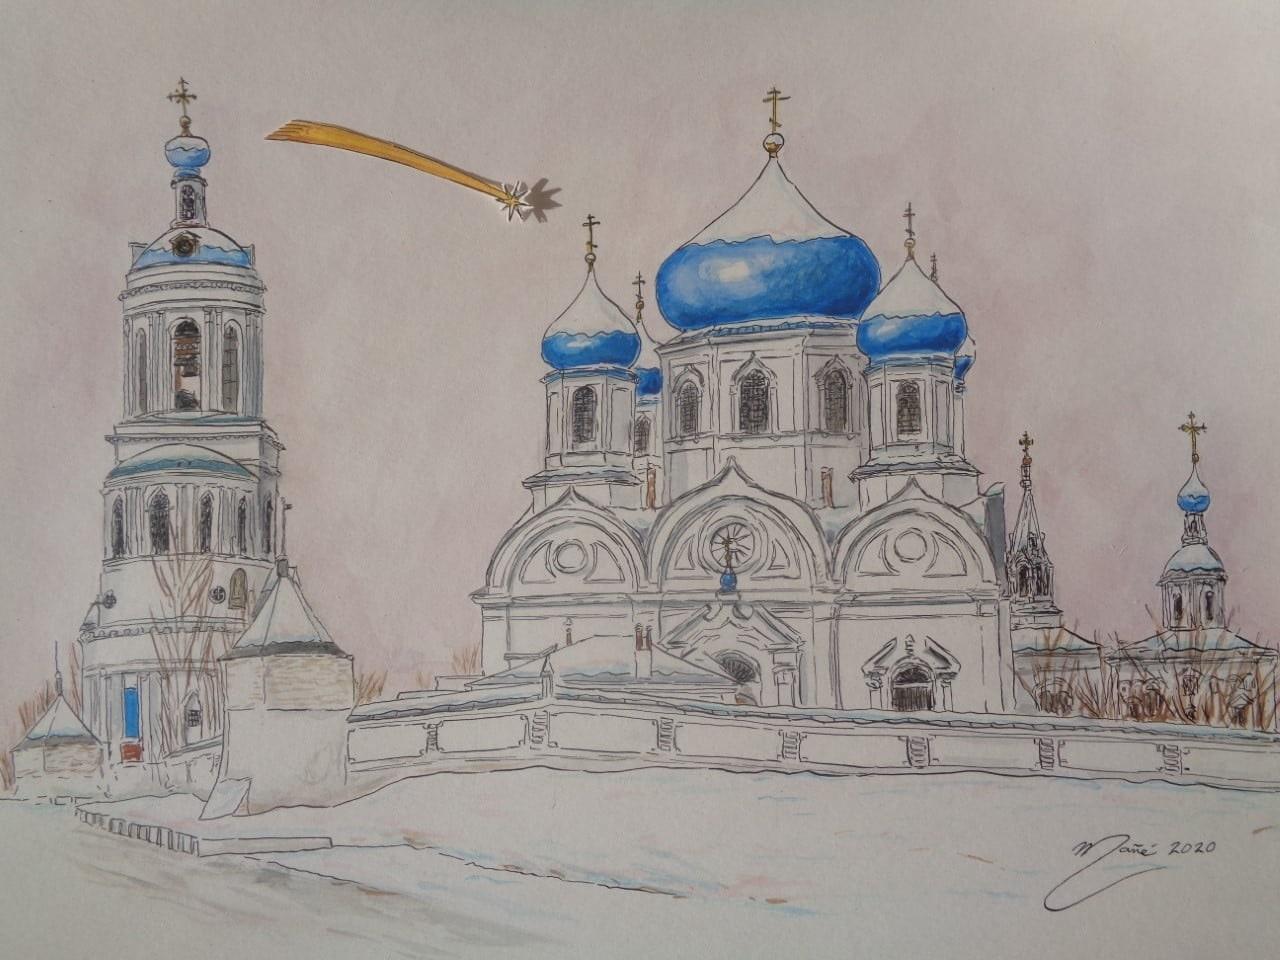 Рождество в Свято-Боголюбском монастыре, Россия